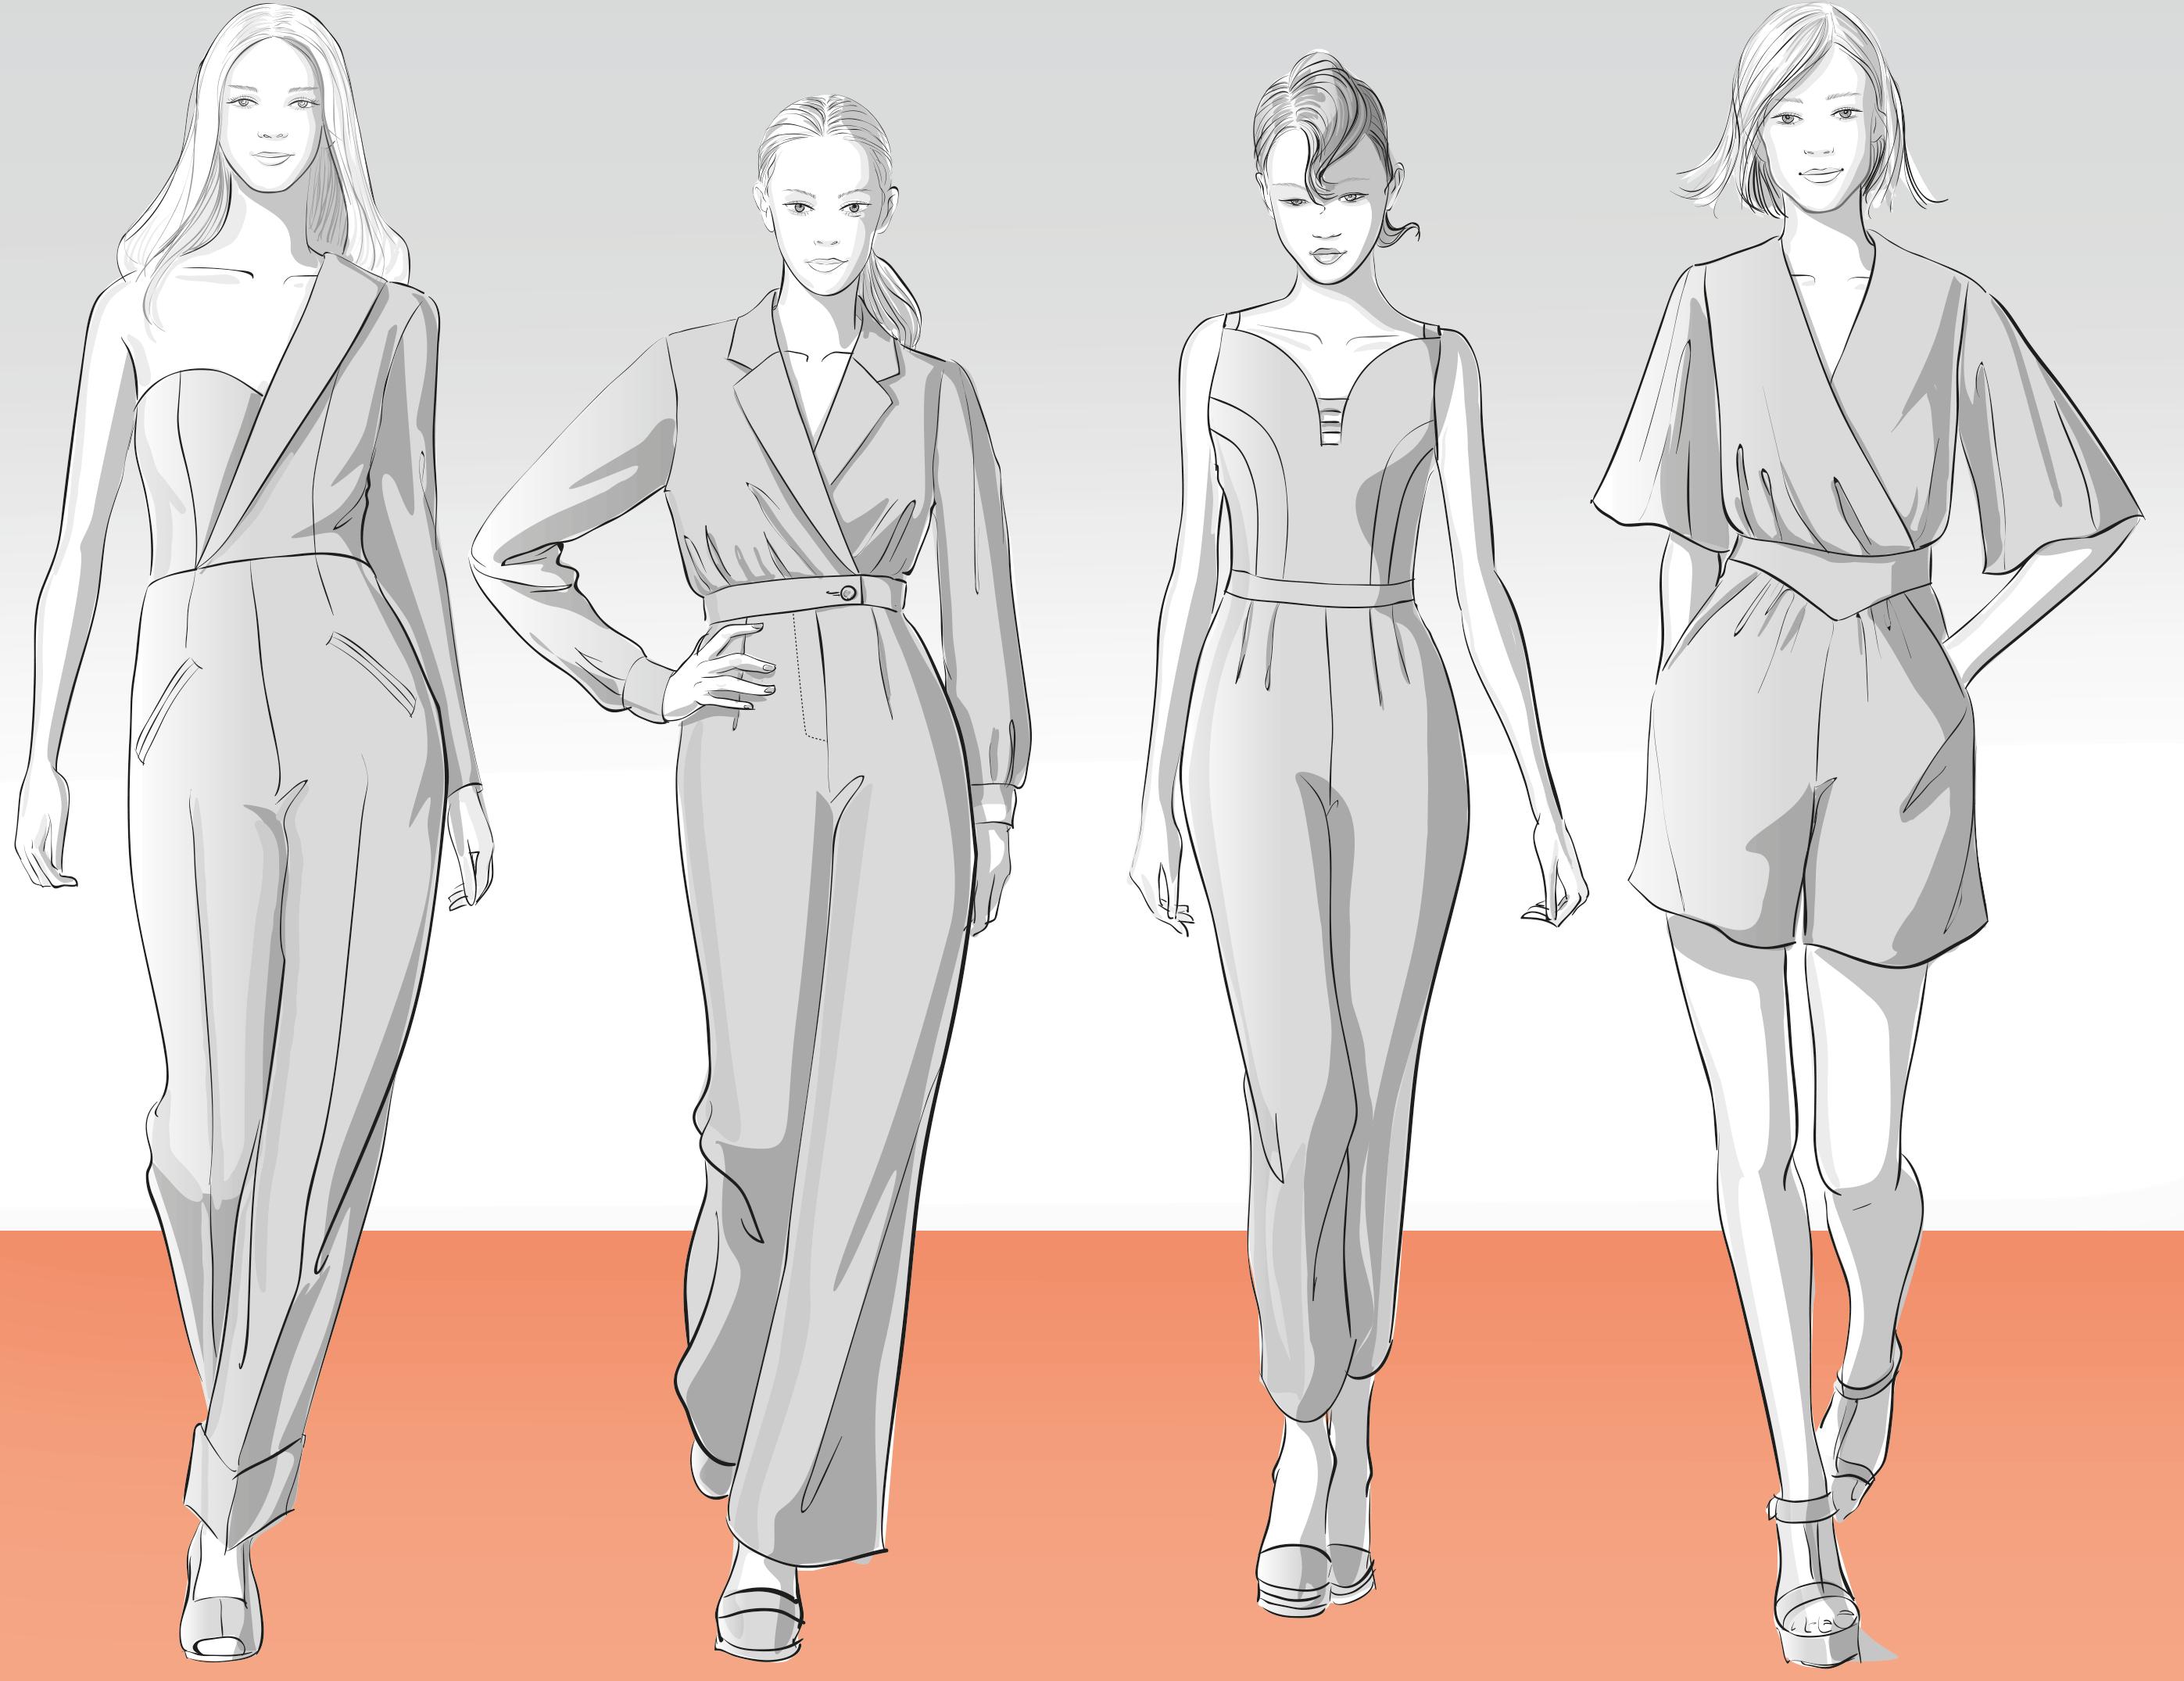 Zu sehen sind vier Modellzeichnungen von Overalls, sie dienen als Vorlage für die Schnitt-Technik.